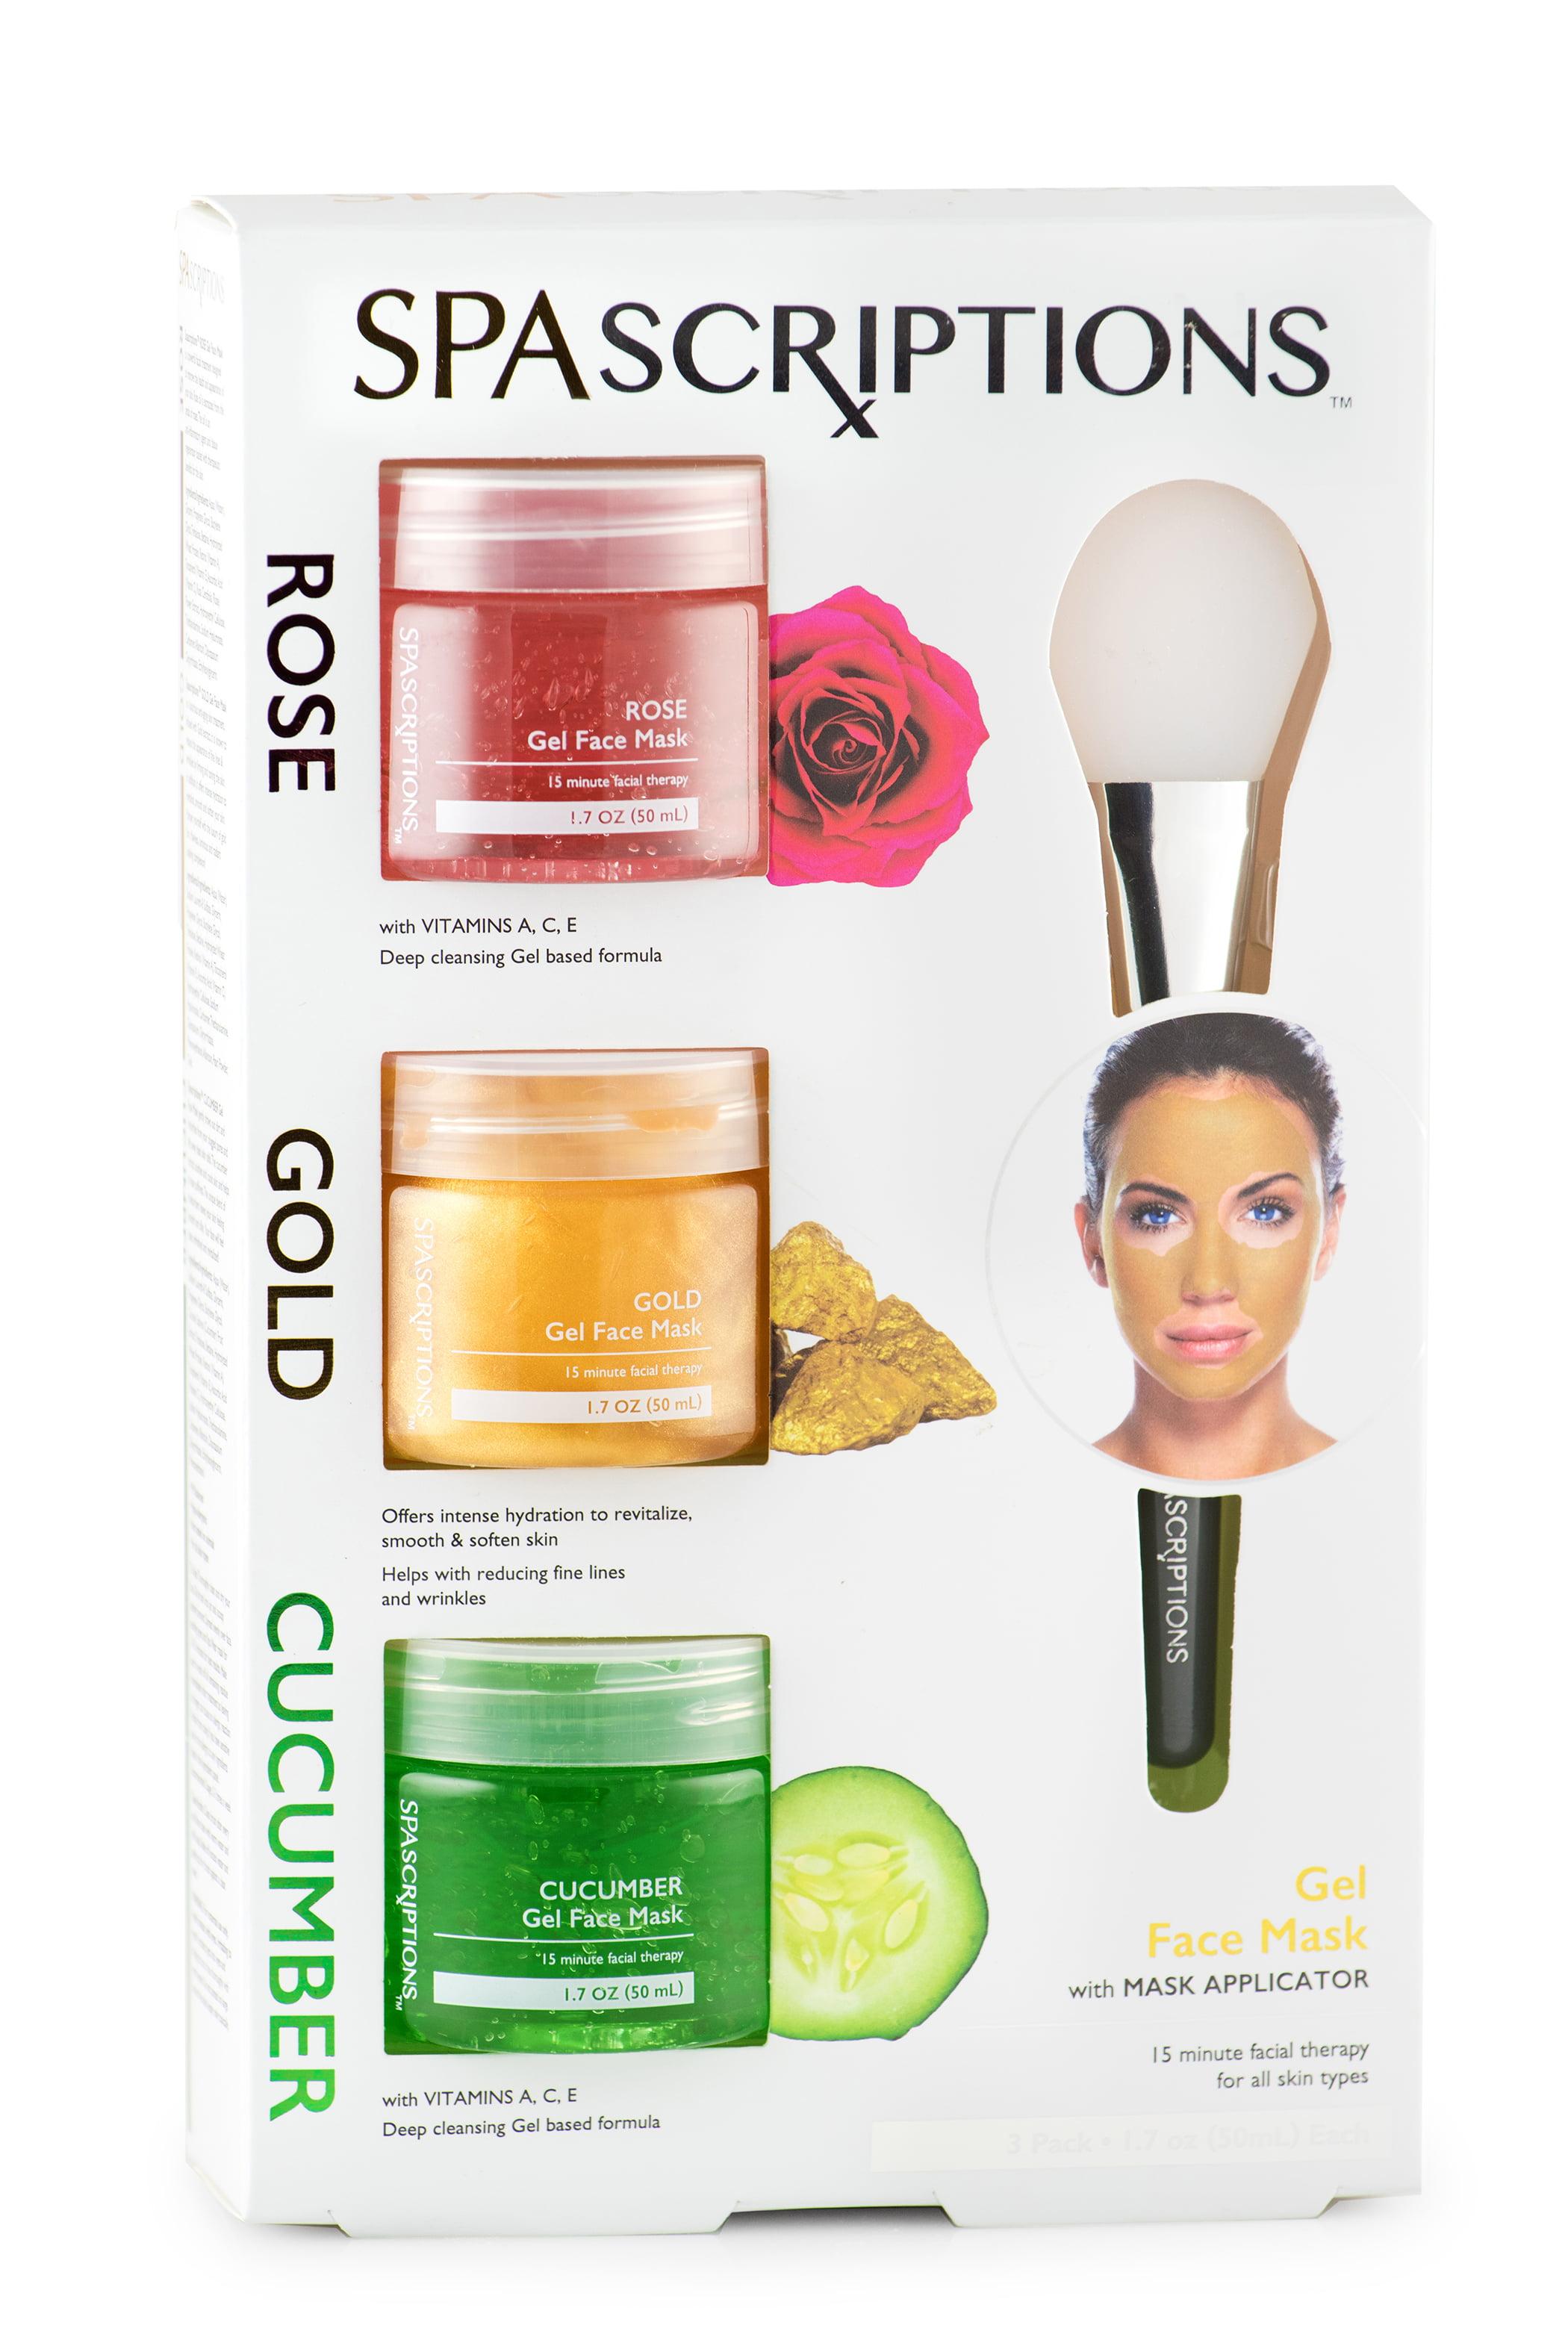 Spascriptions Gesichtsmaske mit Rose, Gold und Gurke